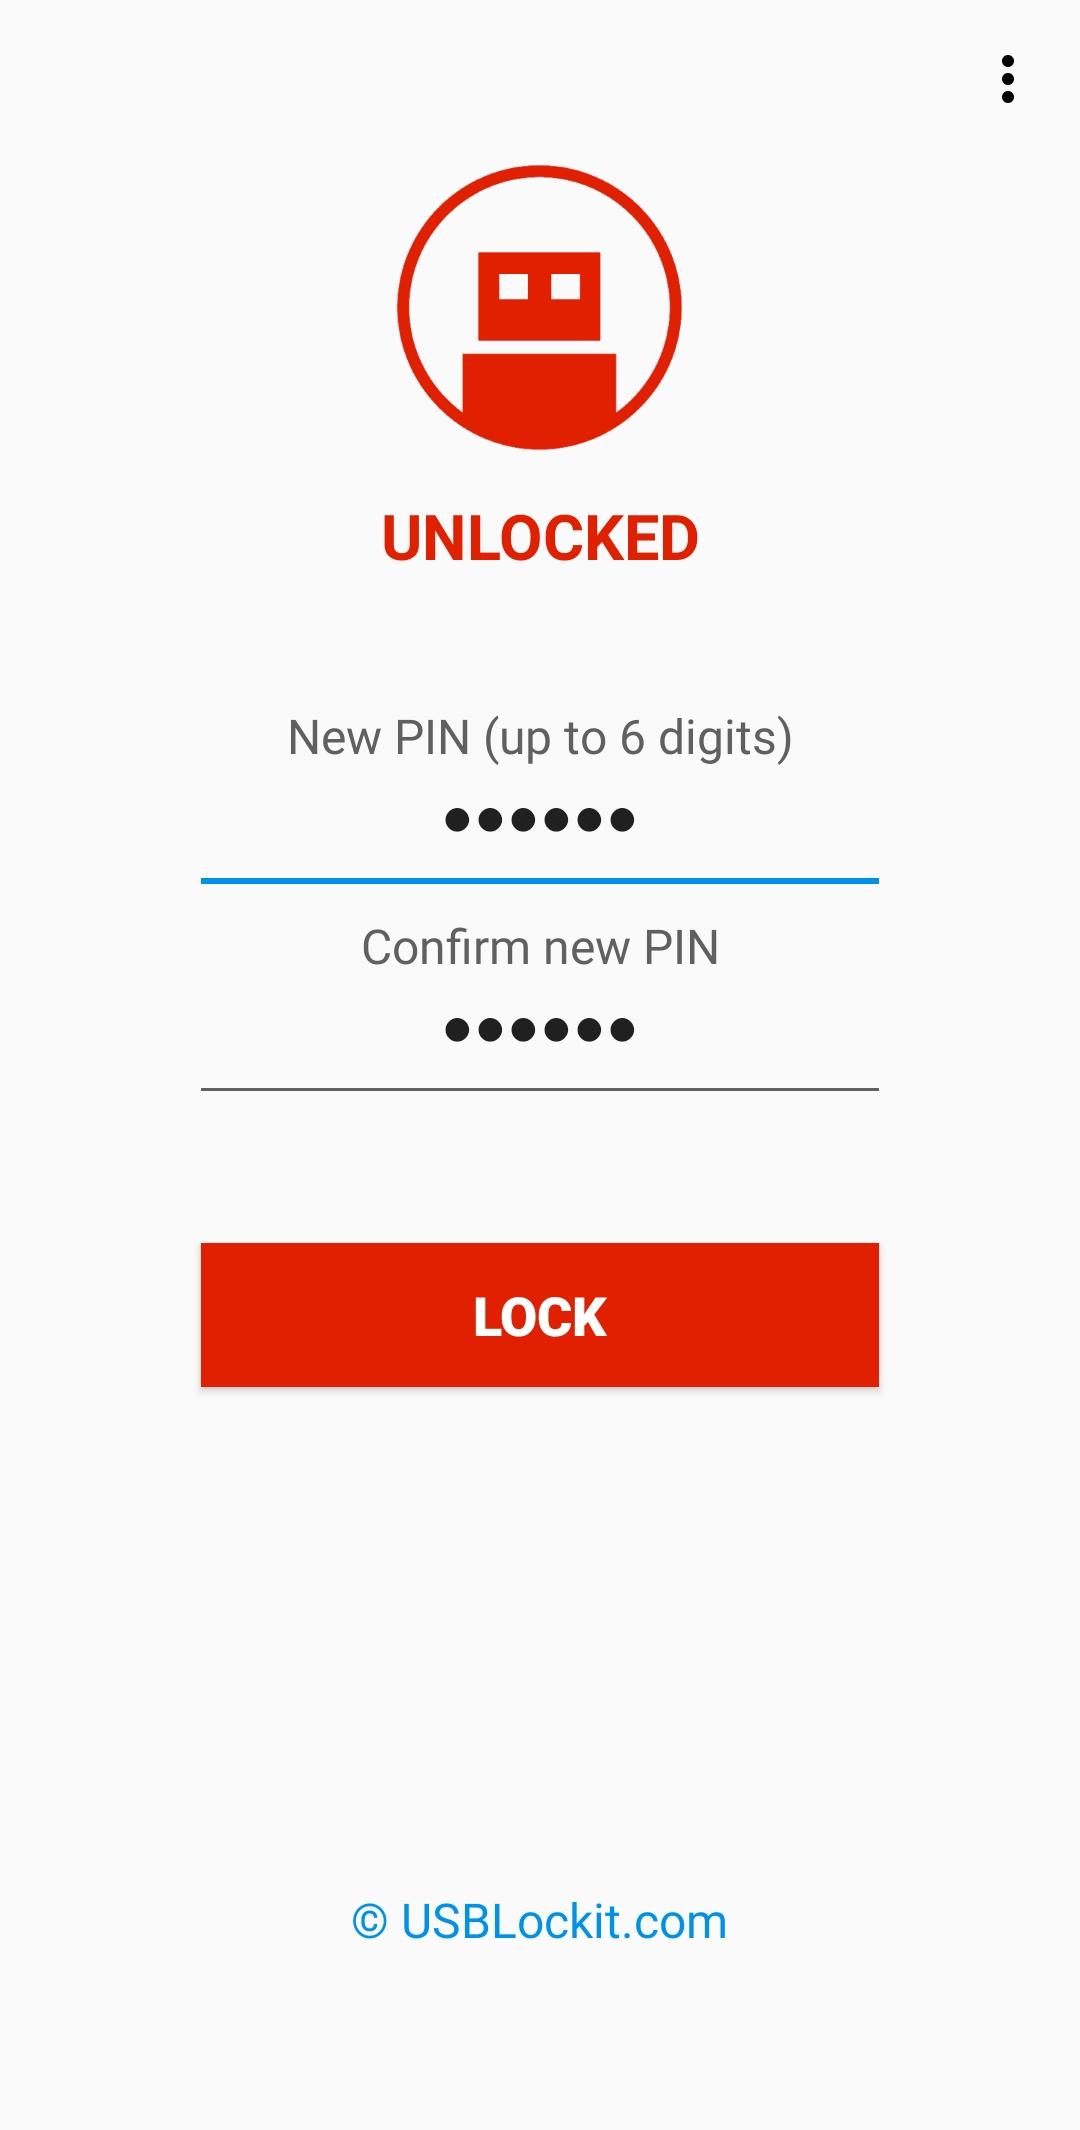 USB Lockit - Password Lock USB Drive